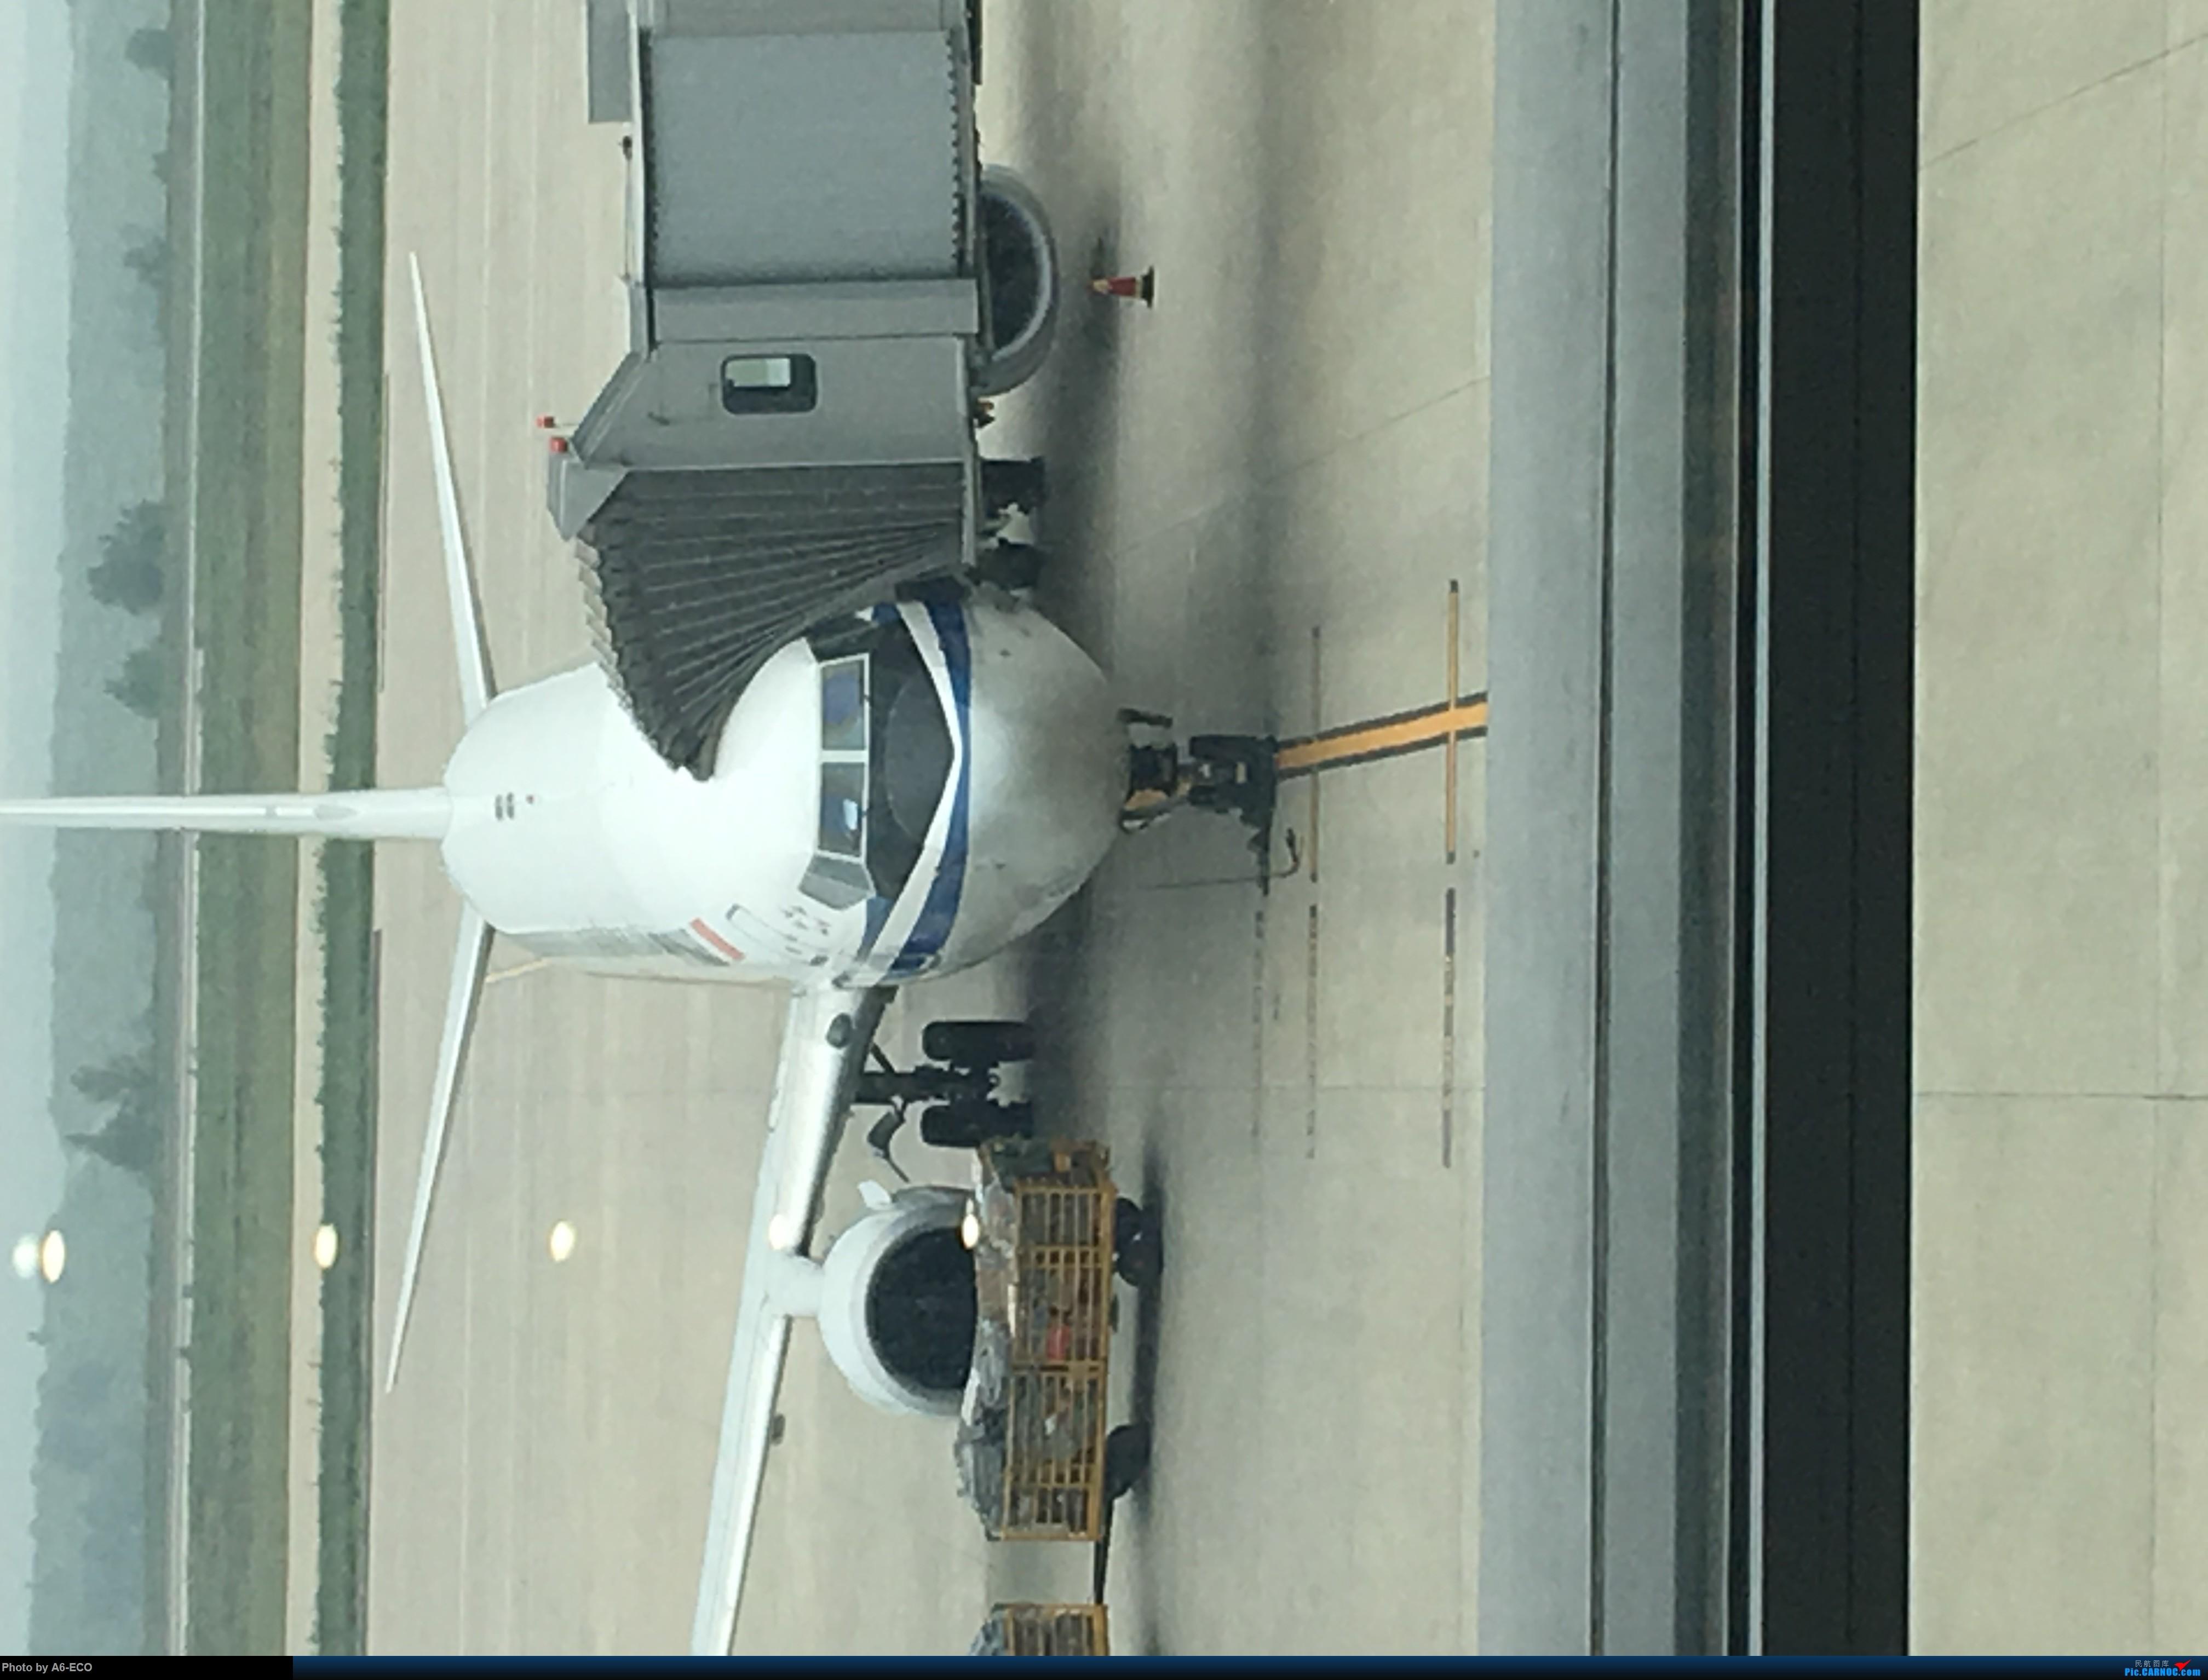 Re:[原创]#Siri旅行#dsn-pek,擦1144体验记 BOEING 737-800 B-1959 中国鄂尔多斯伊金霍洛机场